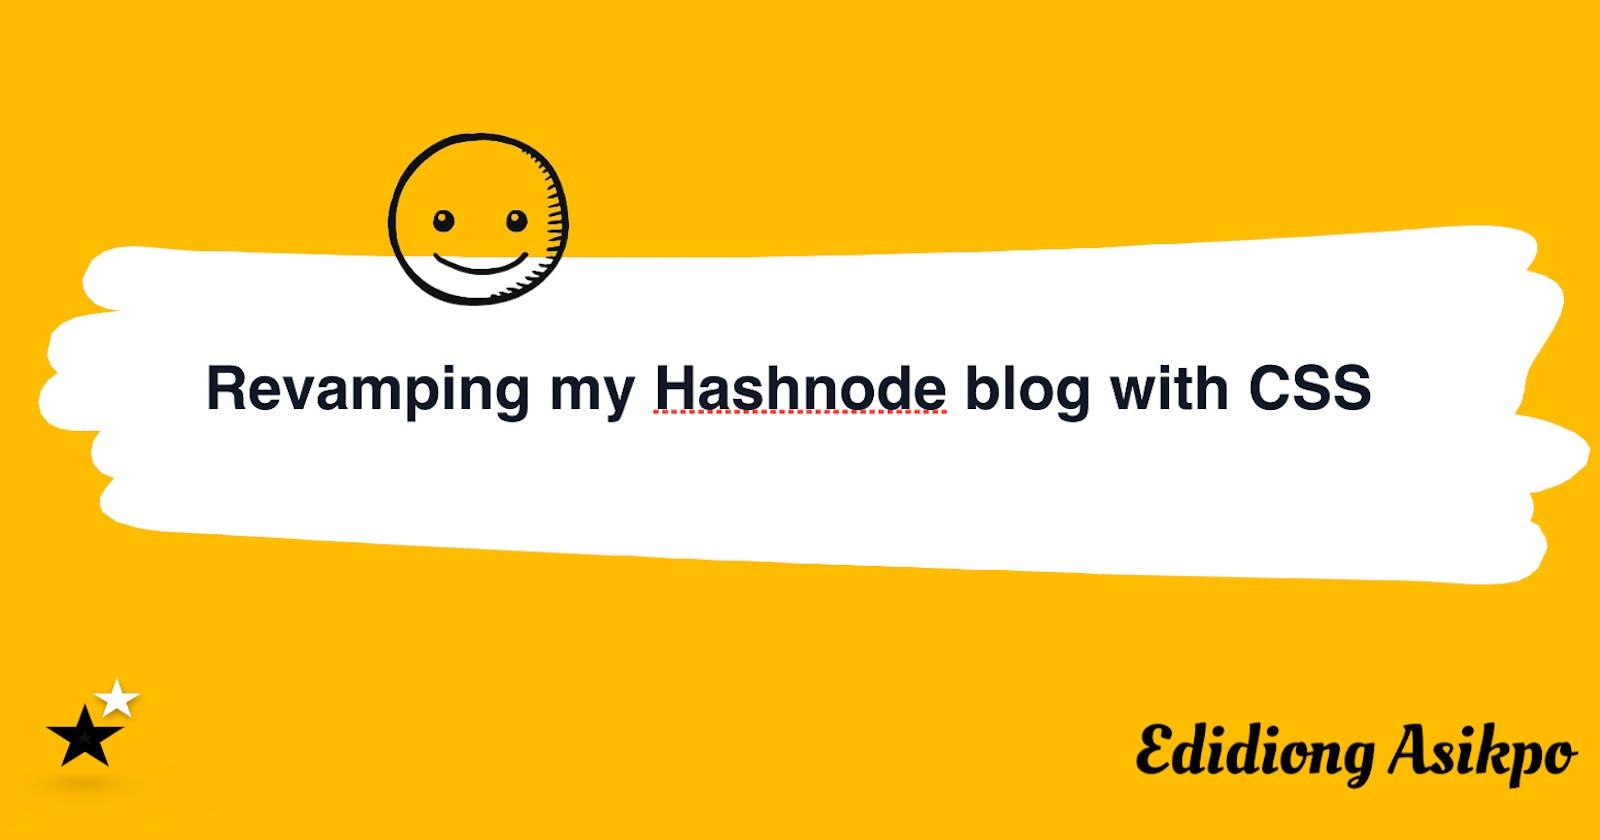 Revamping my Hashnode blog using the amazing Custom CSS feature!